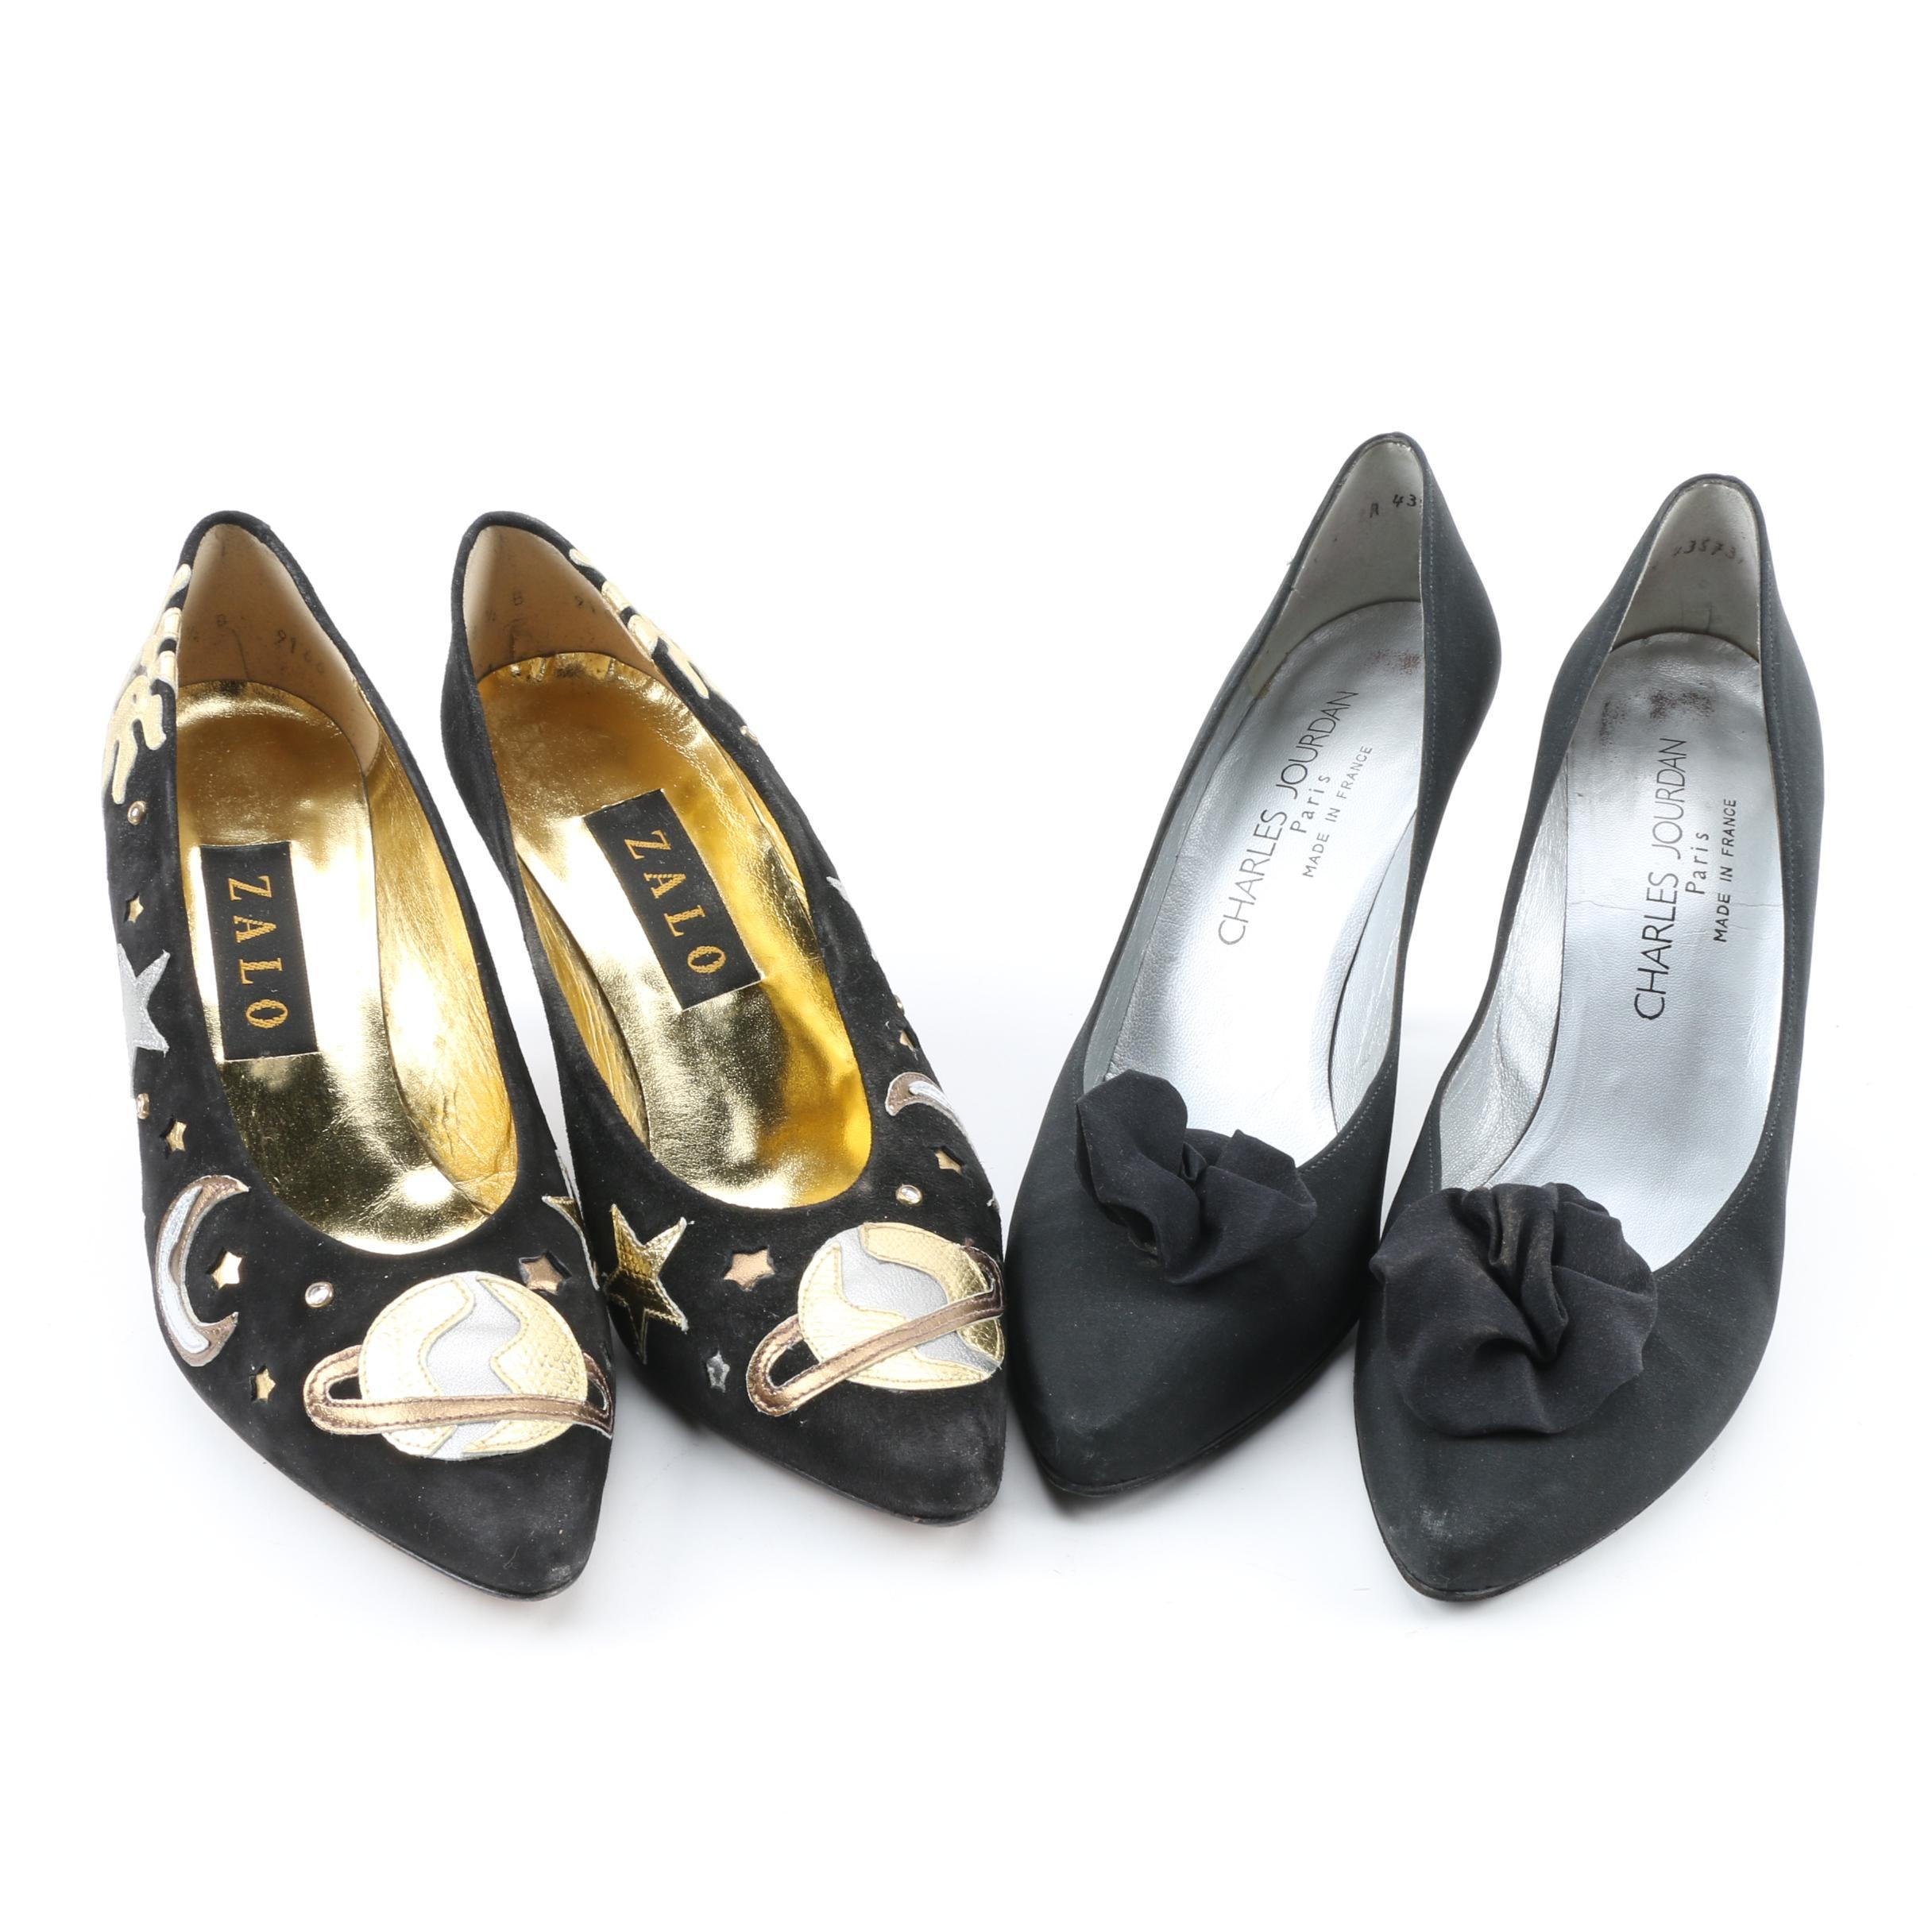 Women's Vintage High Heels Including Charles Jourdan Paris